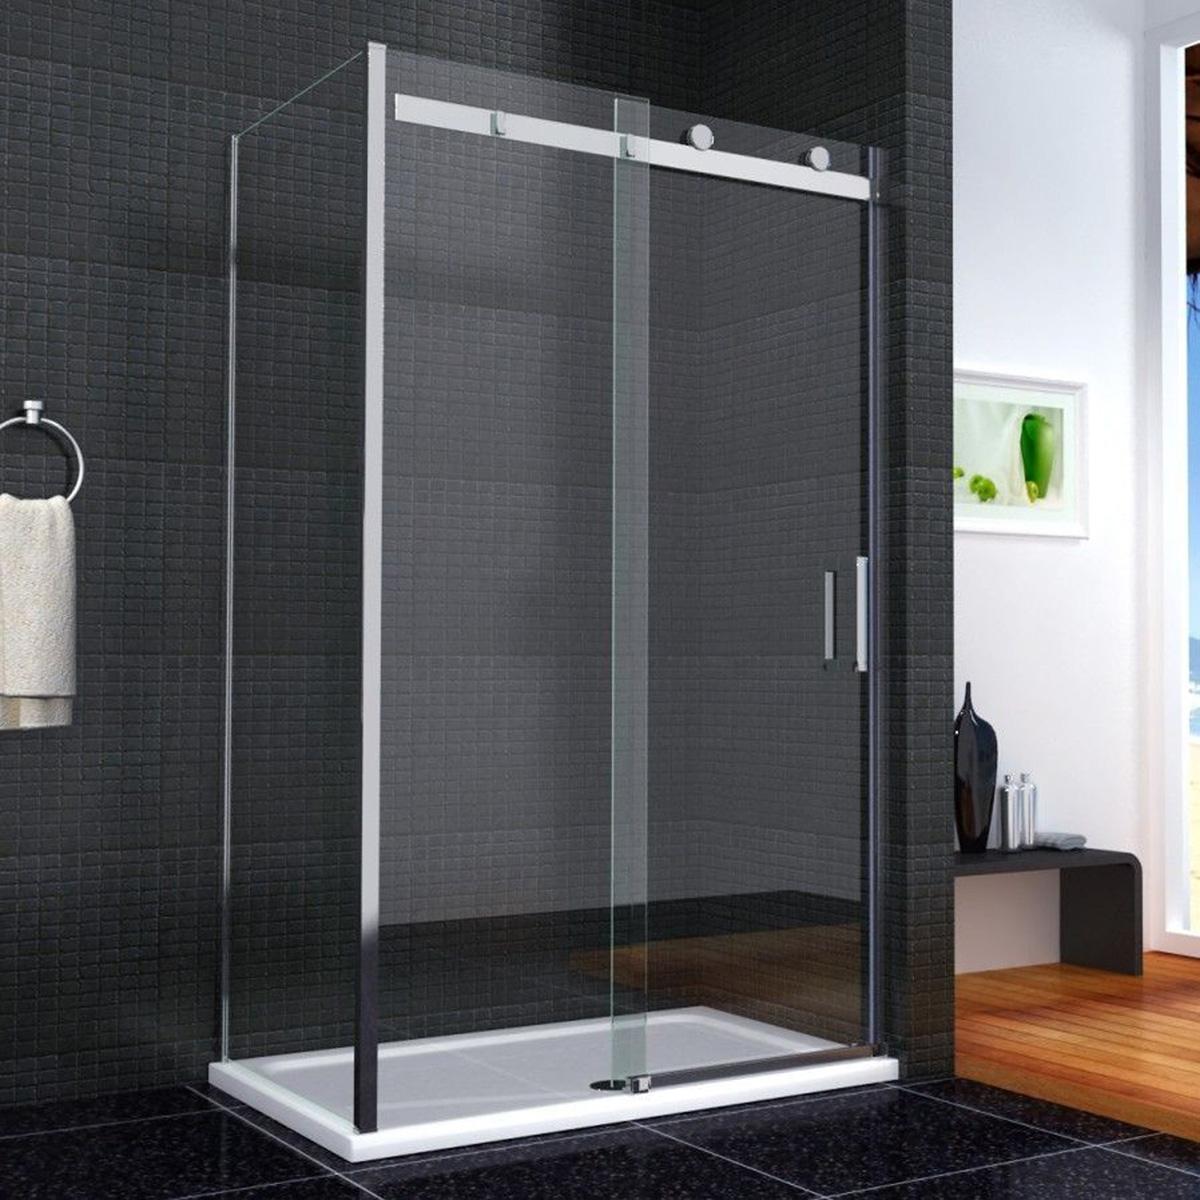 ebenerdige dusche größe 120x90cm duschkabine duschabtrennung dusche schiebet r 8mm